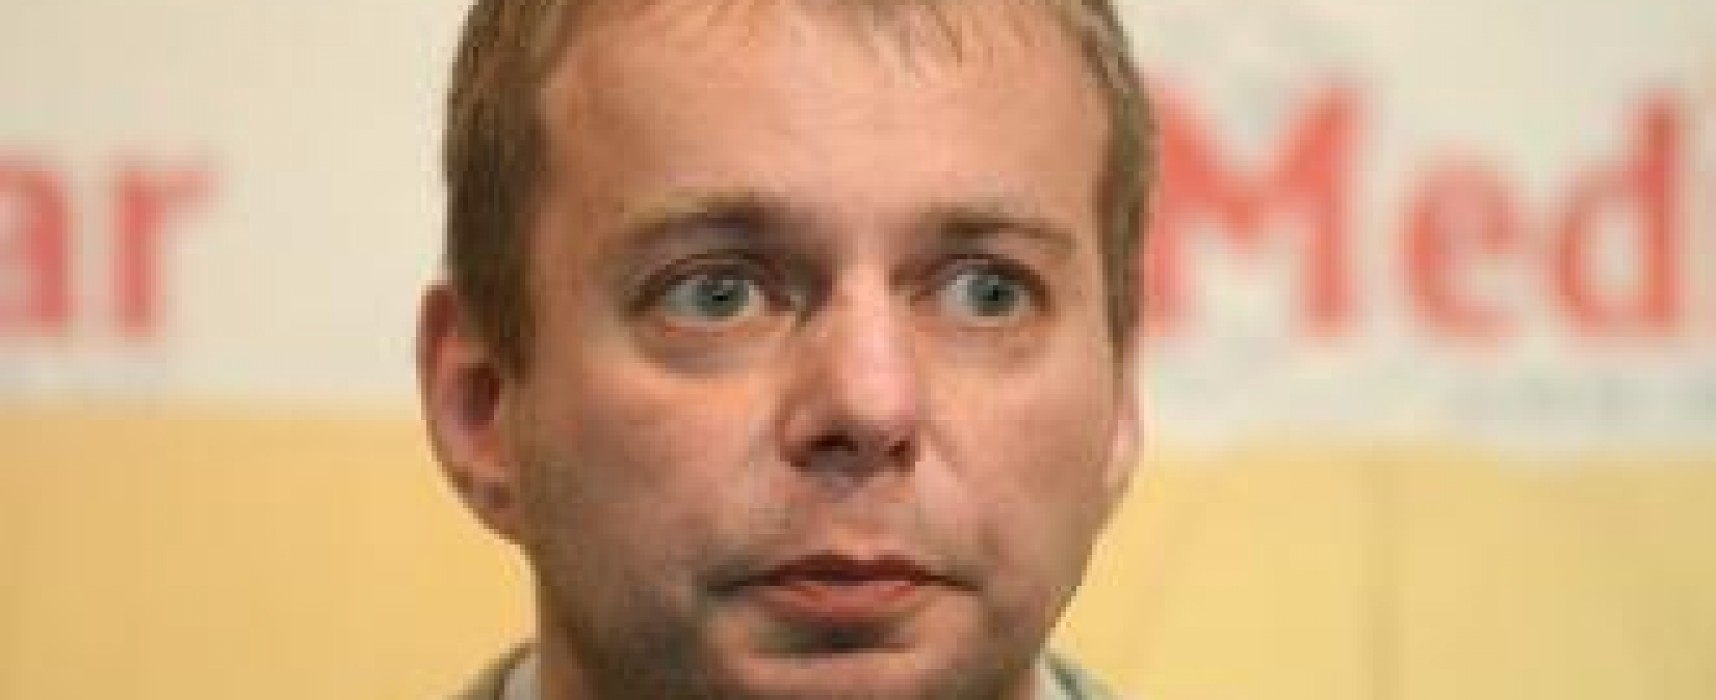 Российский журналист сфабриковал комментарий украинского коллеги, который находится в плену